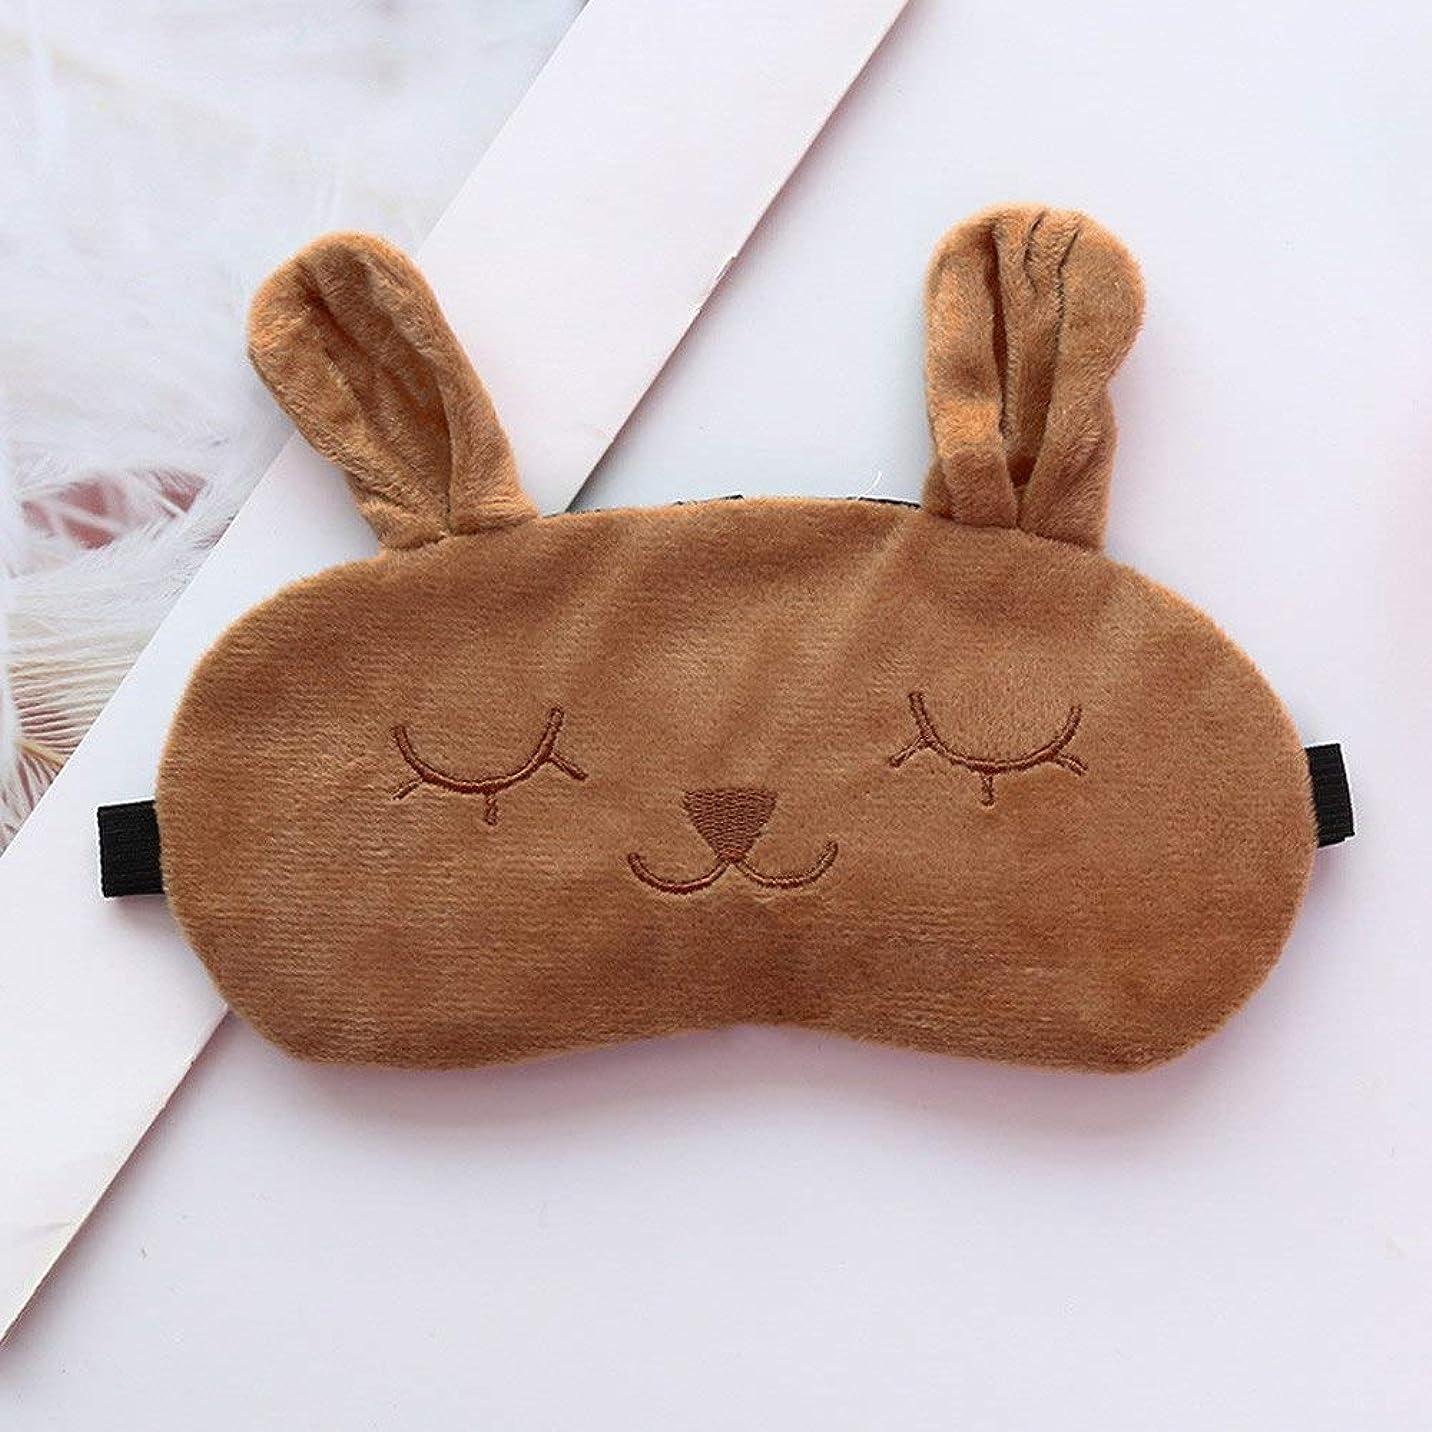 枢機卿ボス混雑NOTE OutTop Sleep Maskナチュラルスリーピングアイマスクウサギのアイシェードカバーポータブル目隠し旅行調節可能なアイパッチNo Ice Bag#30